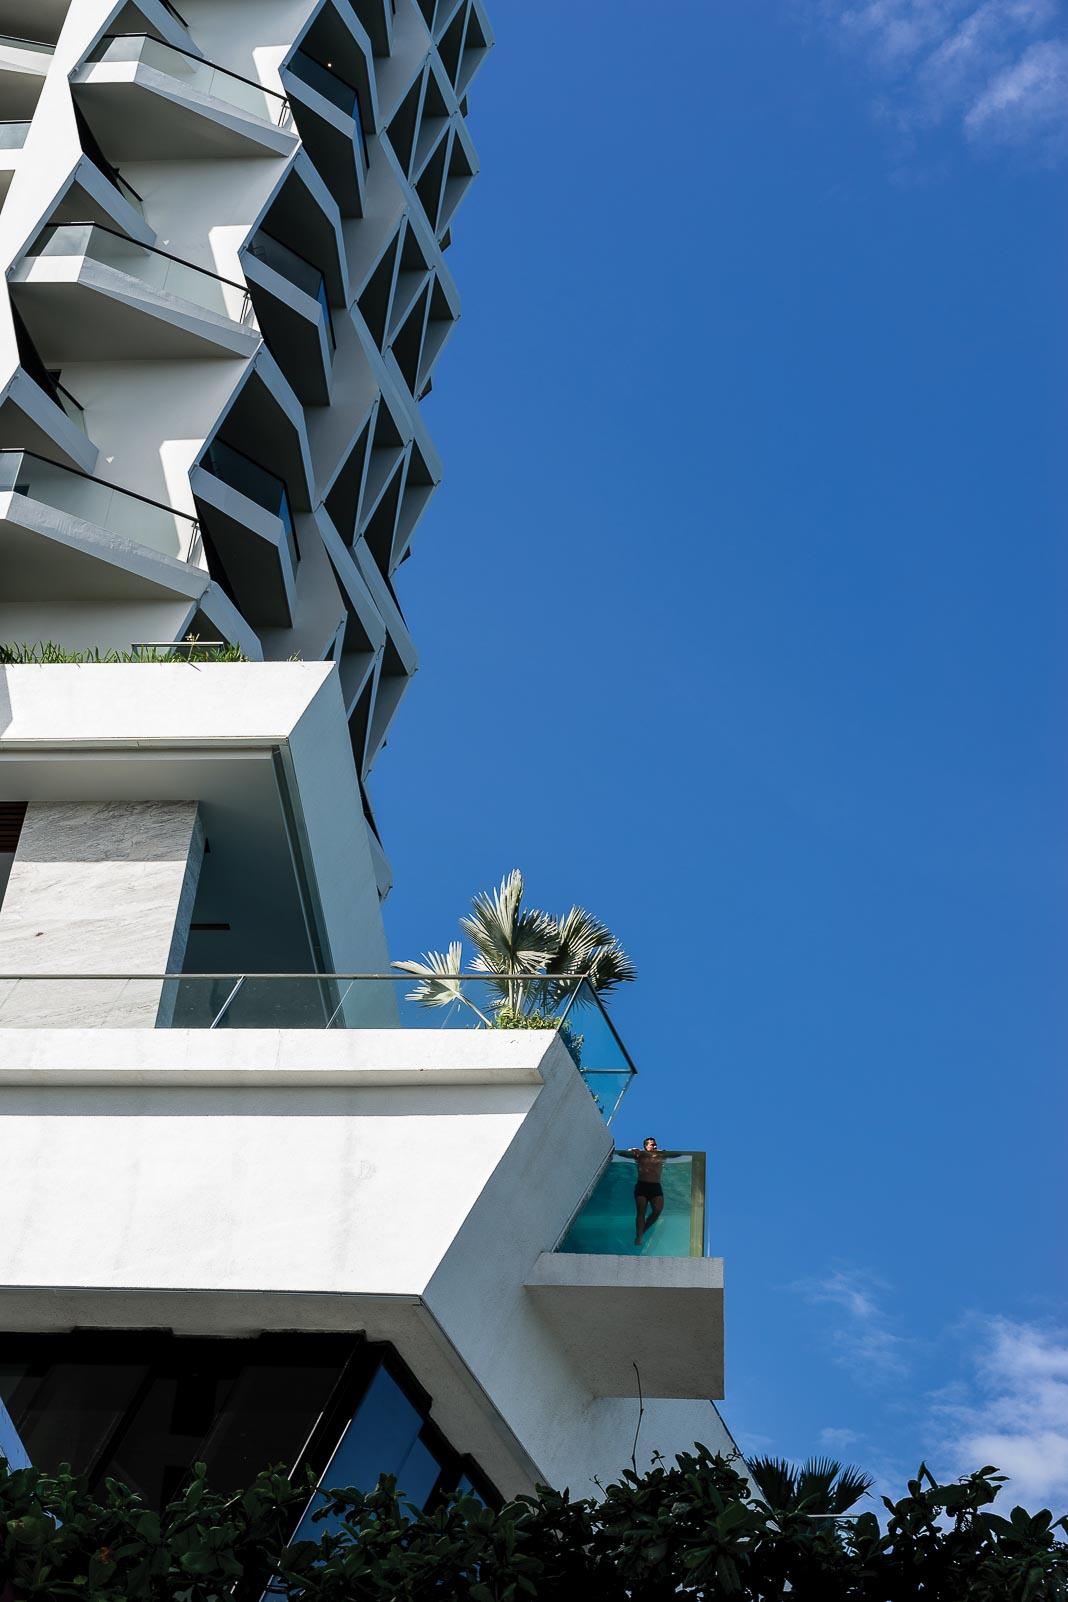 Khách sạn năm sao Boton BLueNha Trang- một dự án tiêu biểu của HML Architecture 5